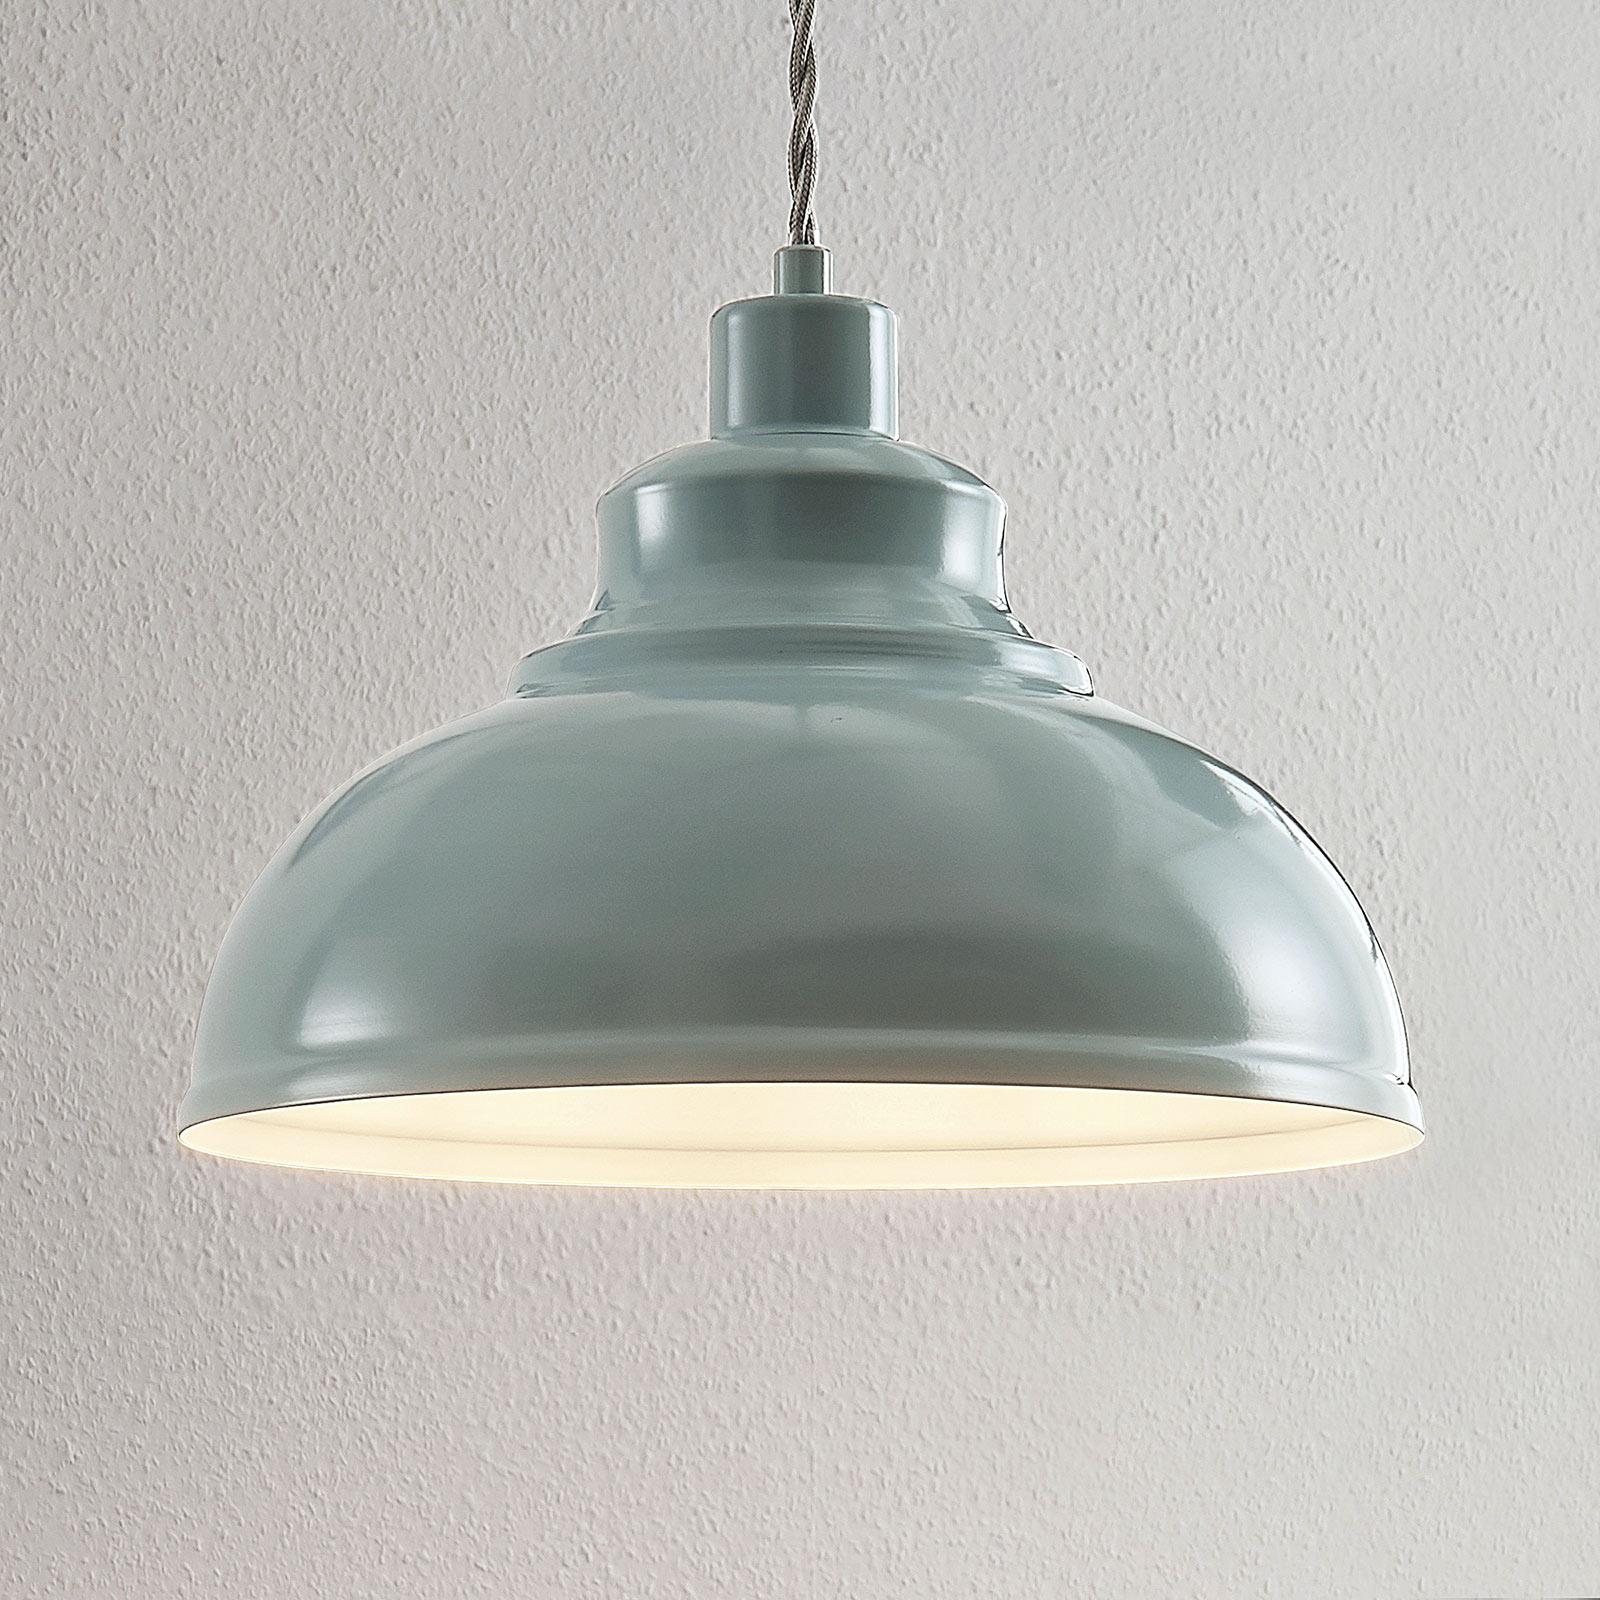 Vintage závěsné světlo Albertine, kov světle modrá